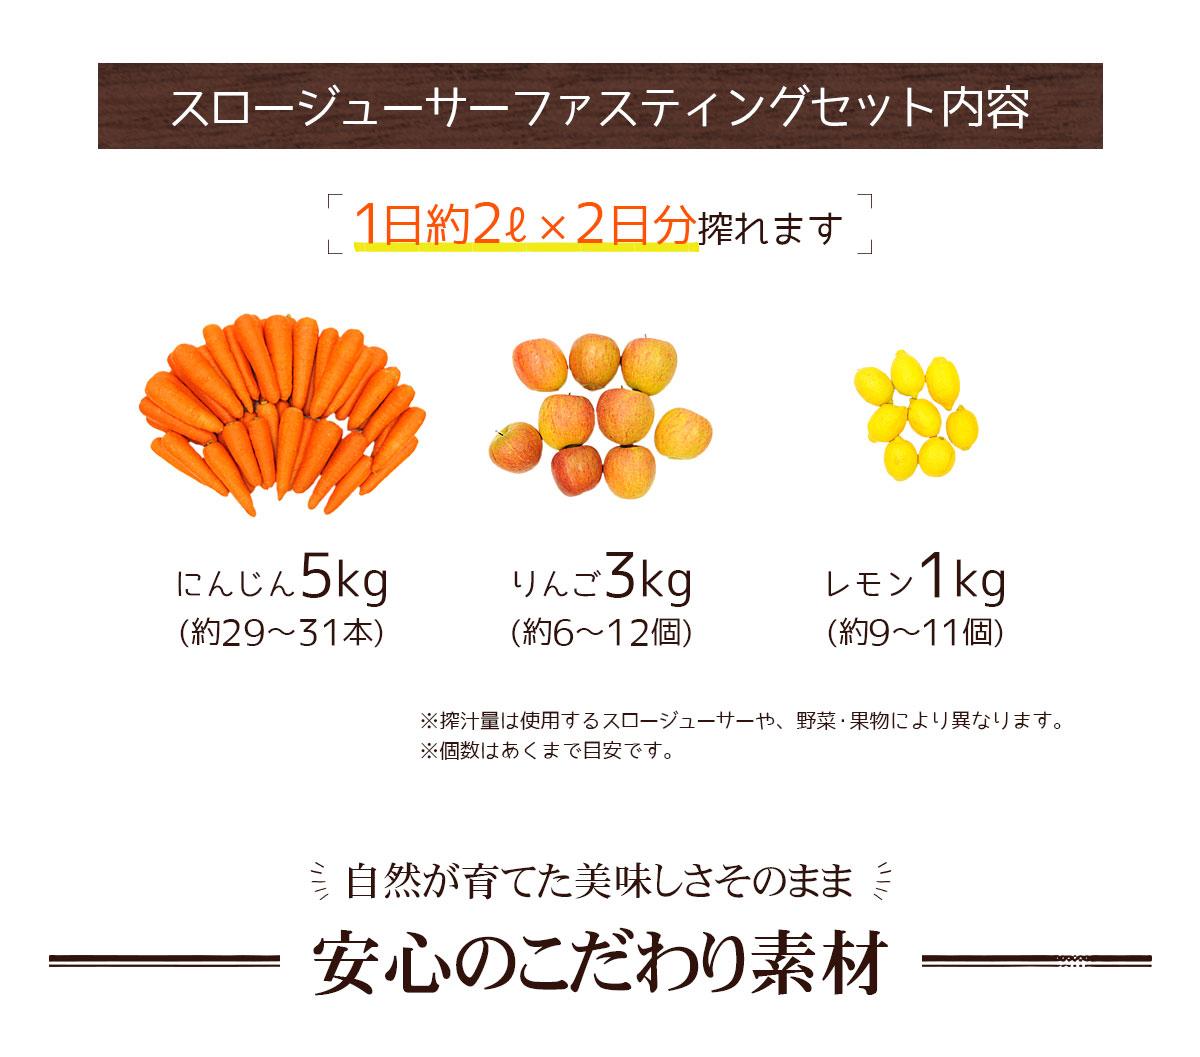 スロージューサーファスティングセット内容「1日約2リットル×2日分搾れます」にんじん 5kg、りんご 3kg、レモン 1kg